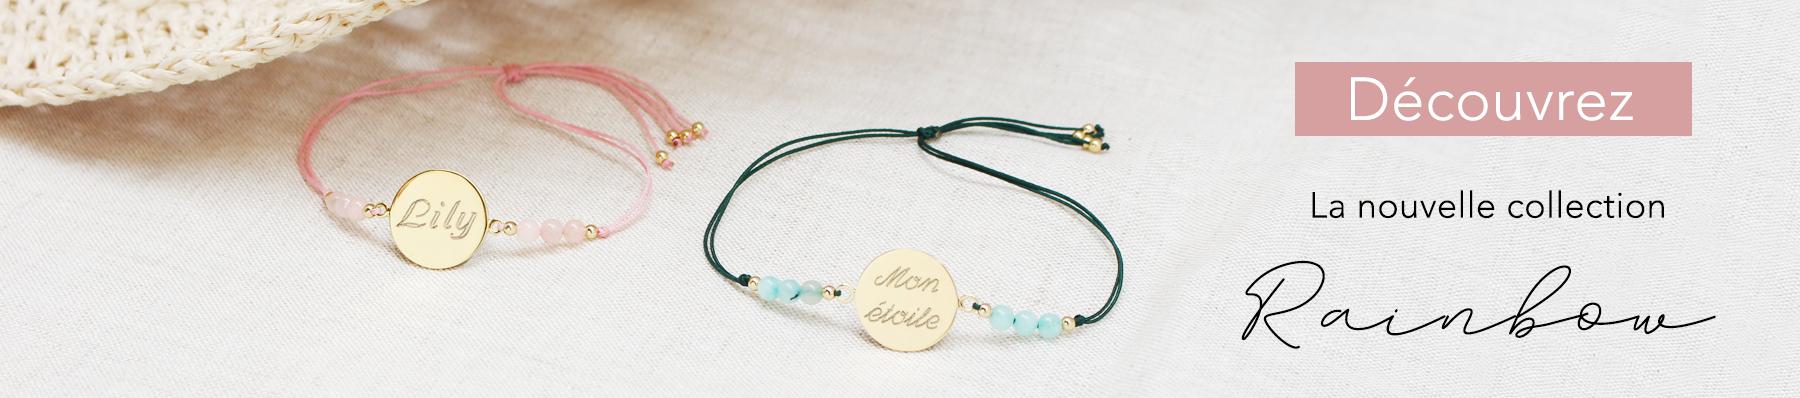 Nouveaux bracelets rainbow